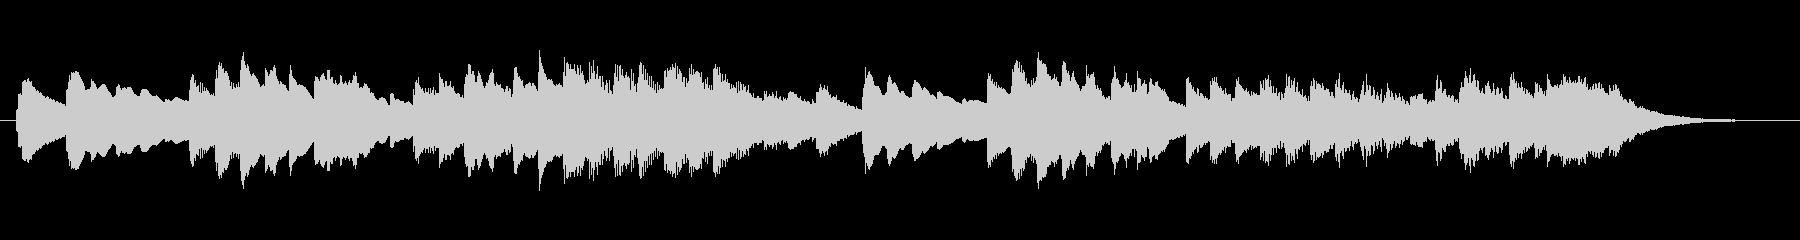 トロイメライ/オルゴールの未再生の波形